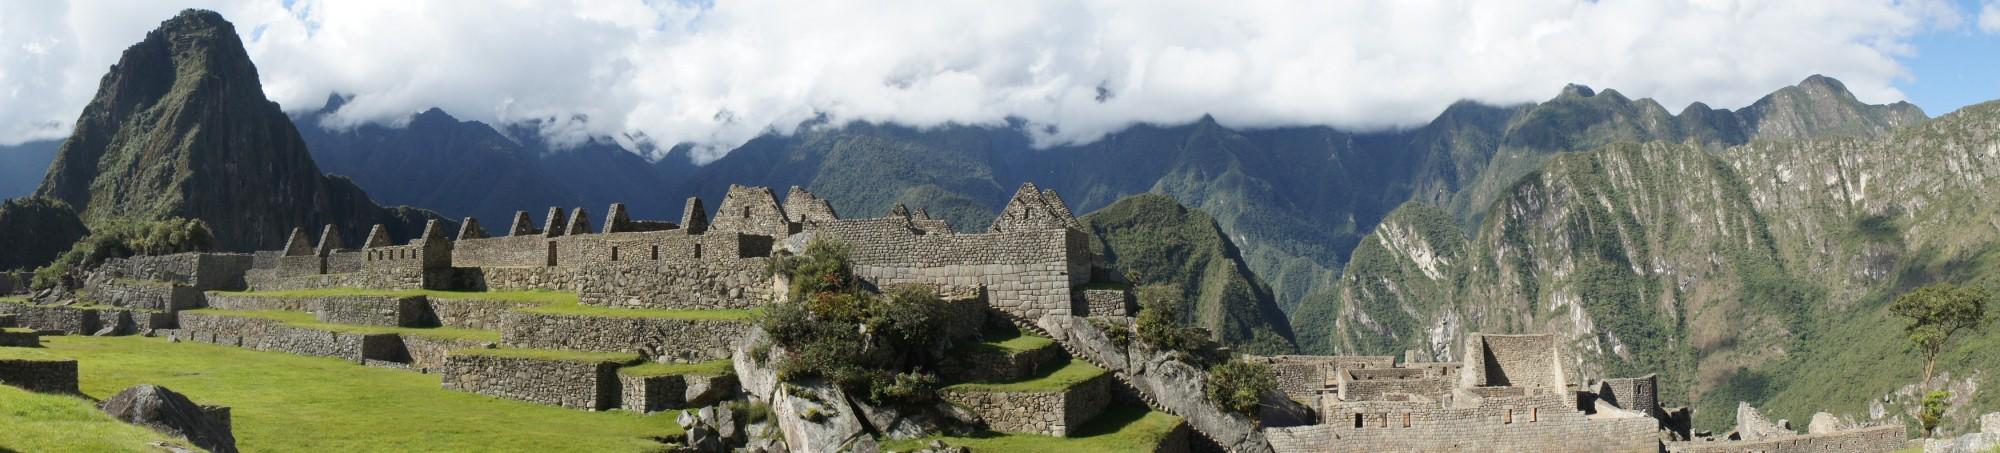 Un beau panorama des ruines et des montagnes environnantes